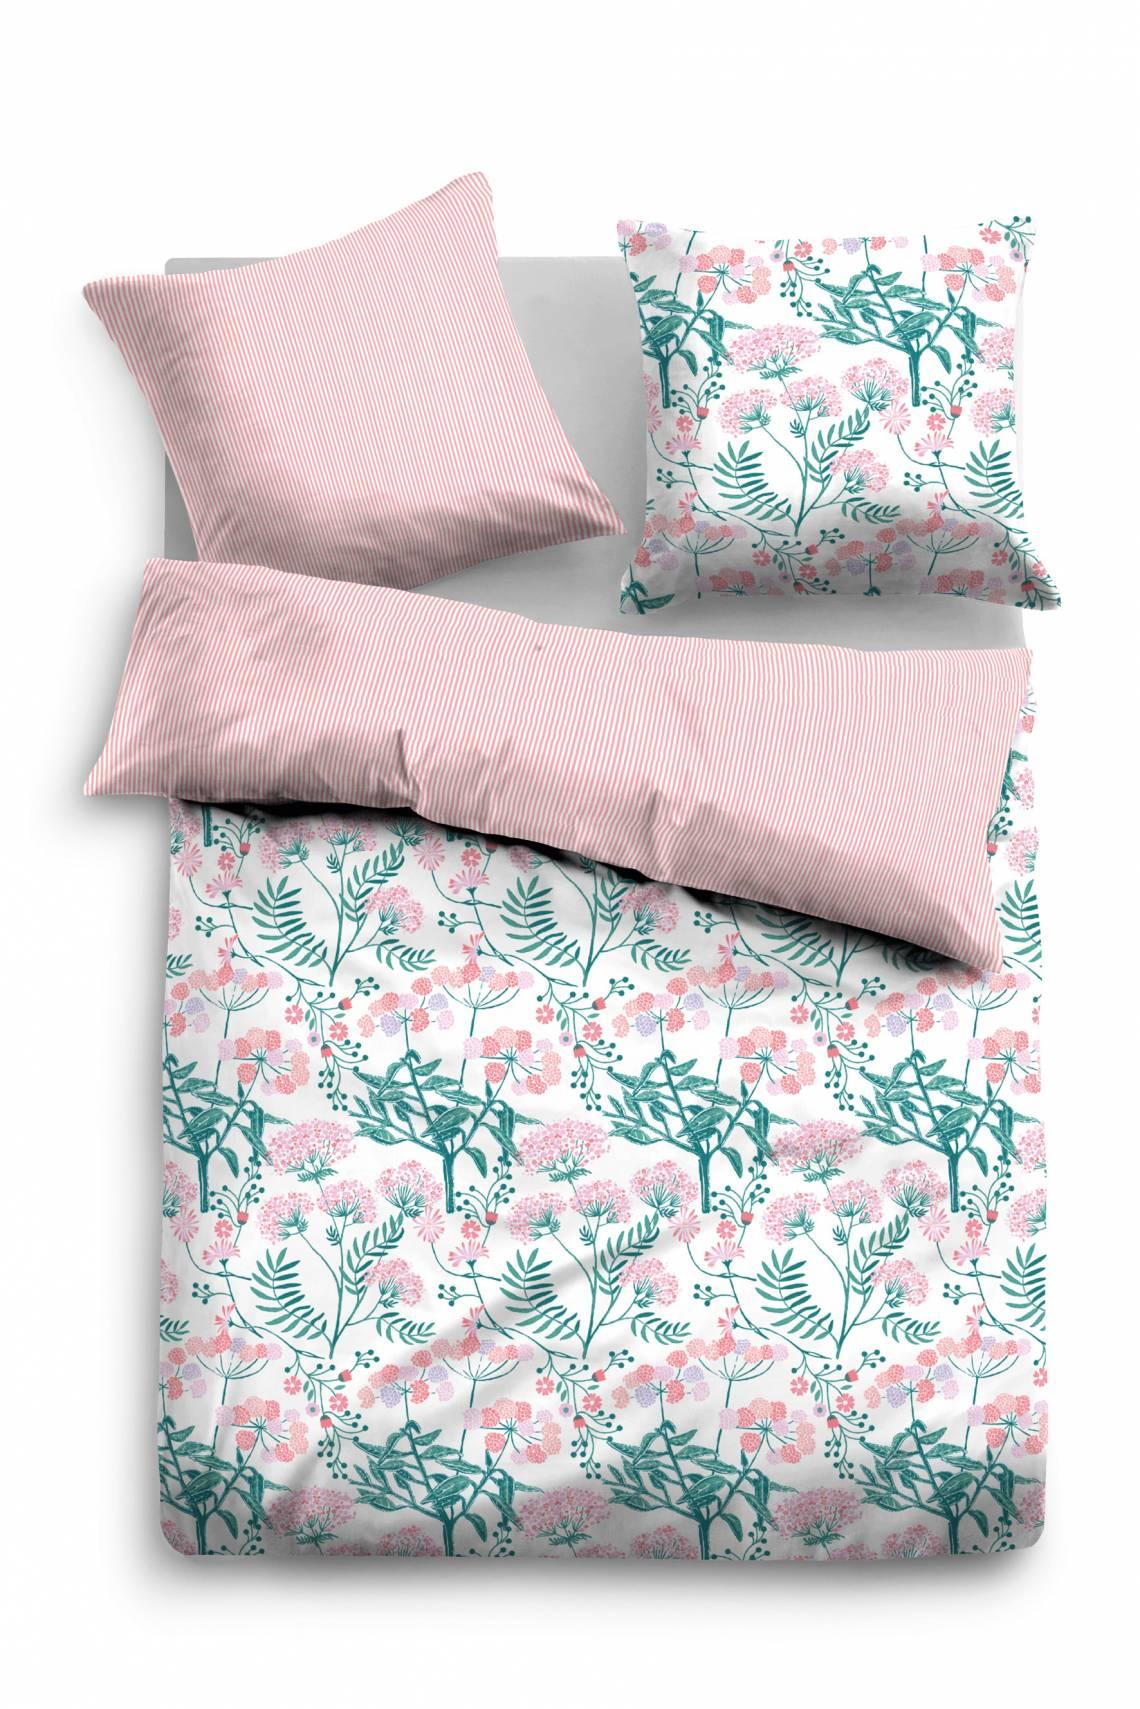 Tom Tailor Home Satin Bettwäsche midnight flowers rosa/weiß